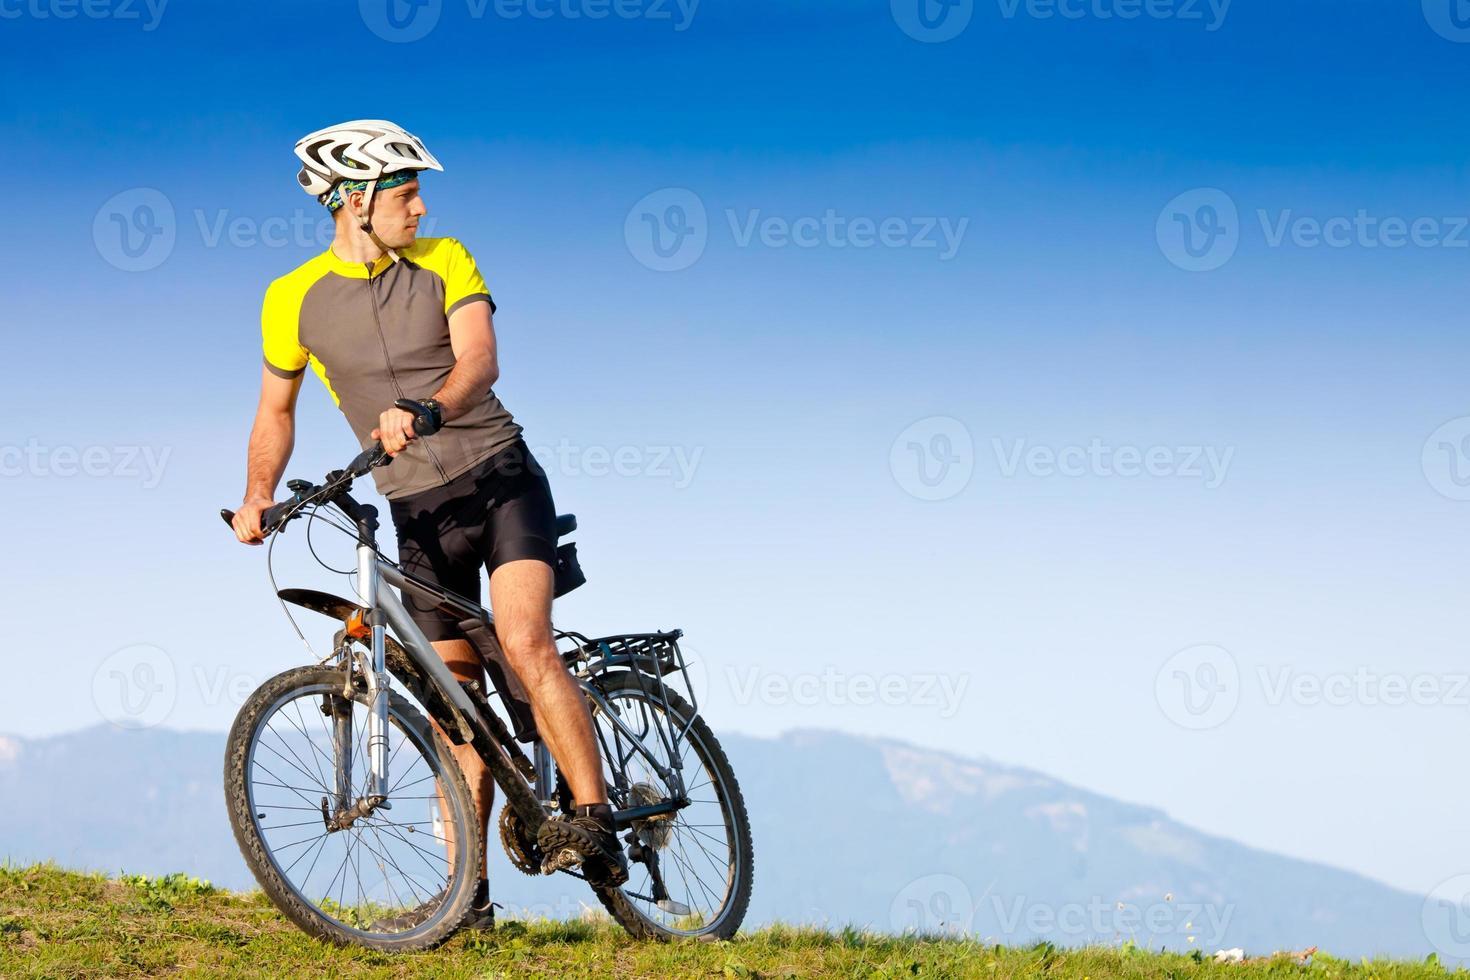 ciclismo de montanha foto